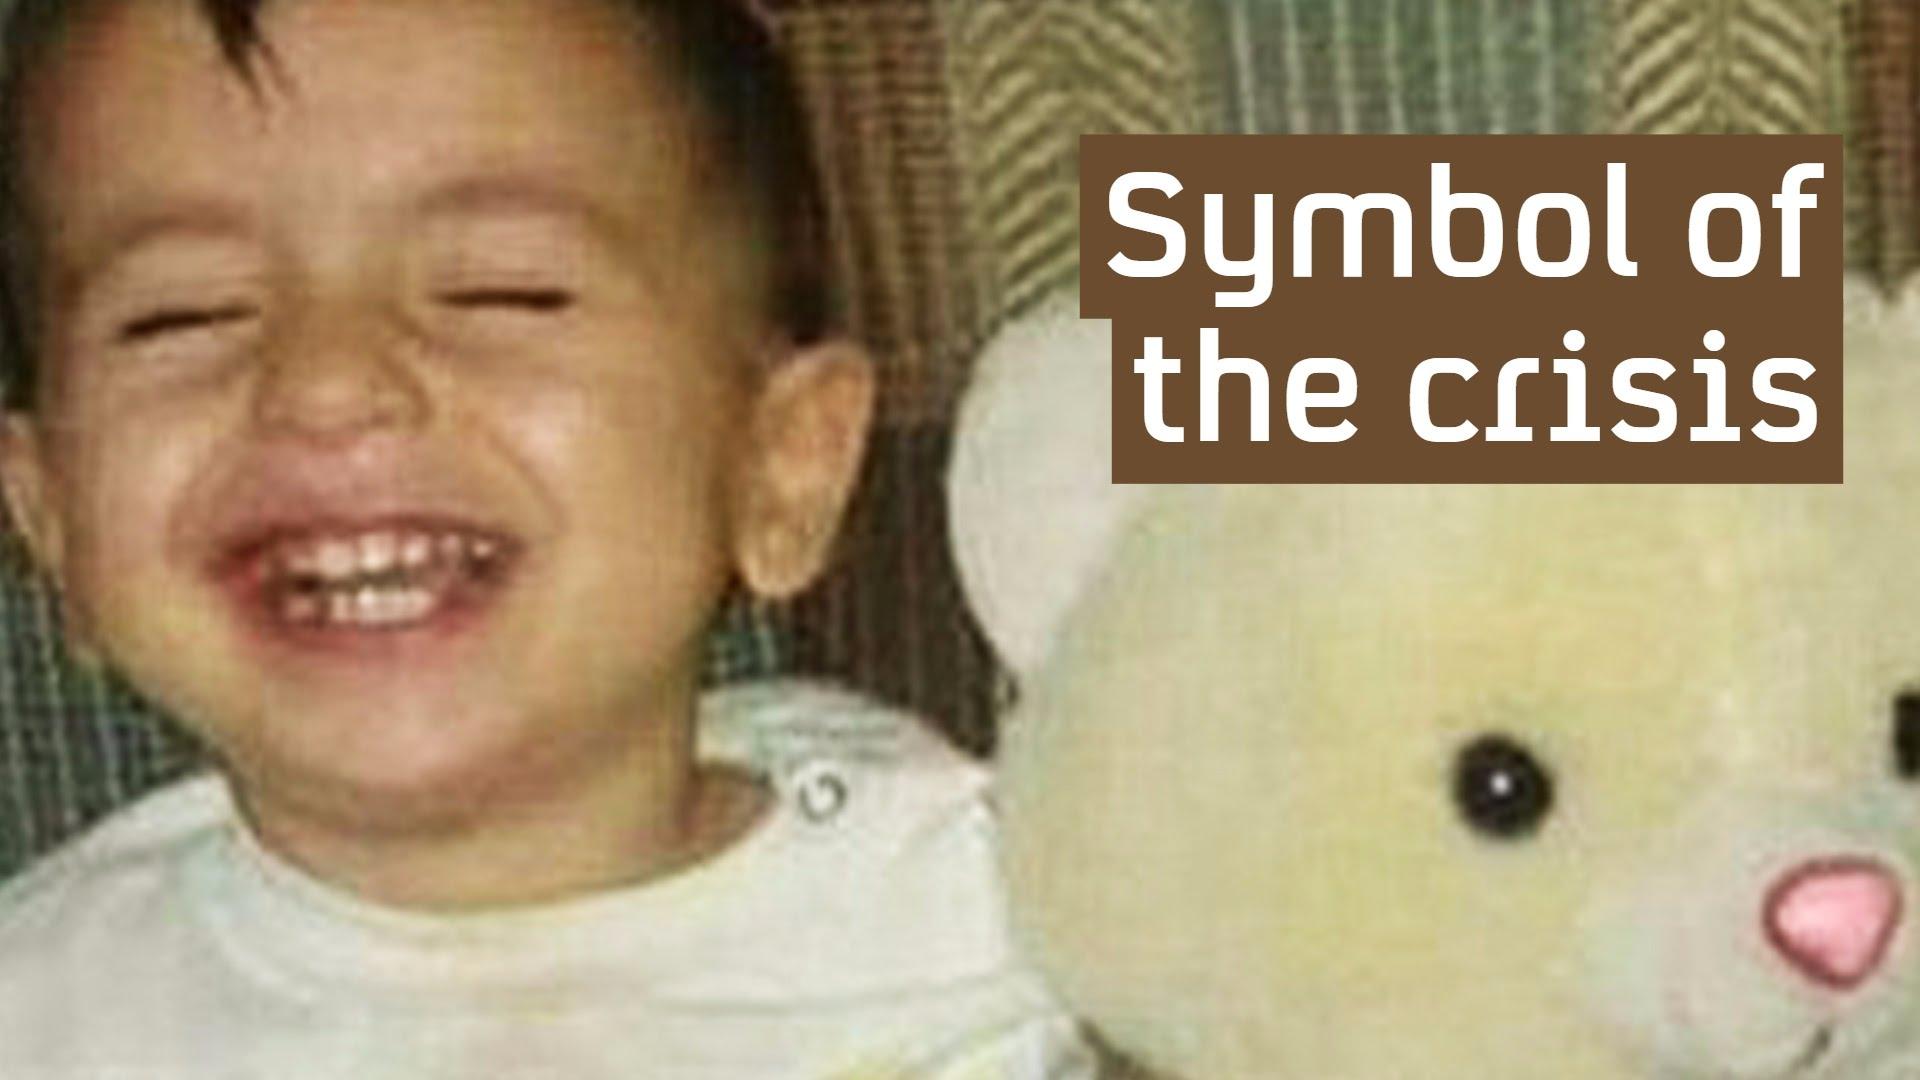 TURSKA Osuđena dvojica Sirijaca zbog utapanja petero ljudi, među njima i Aylan Kurdi